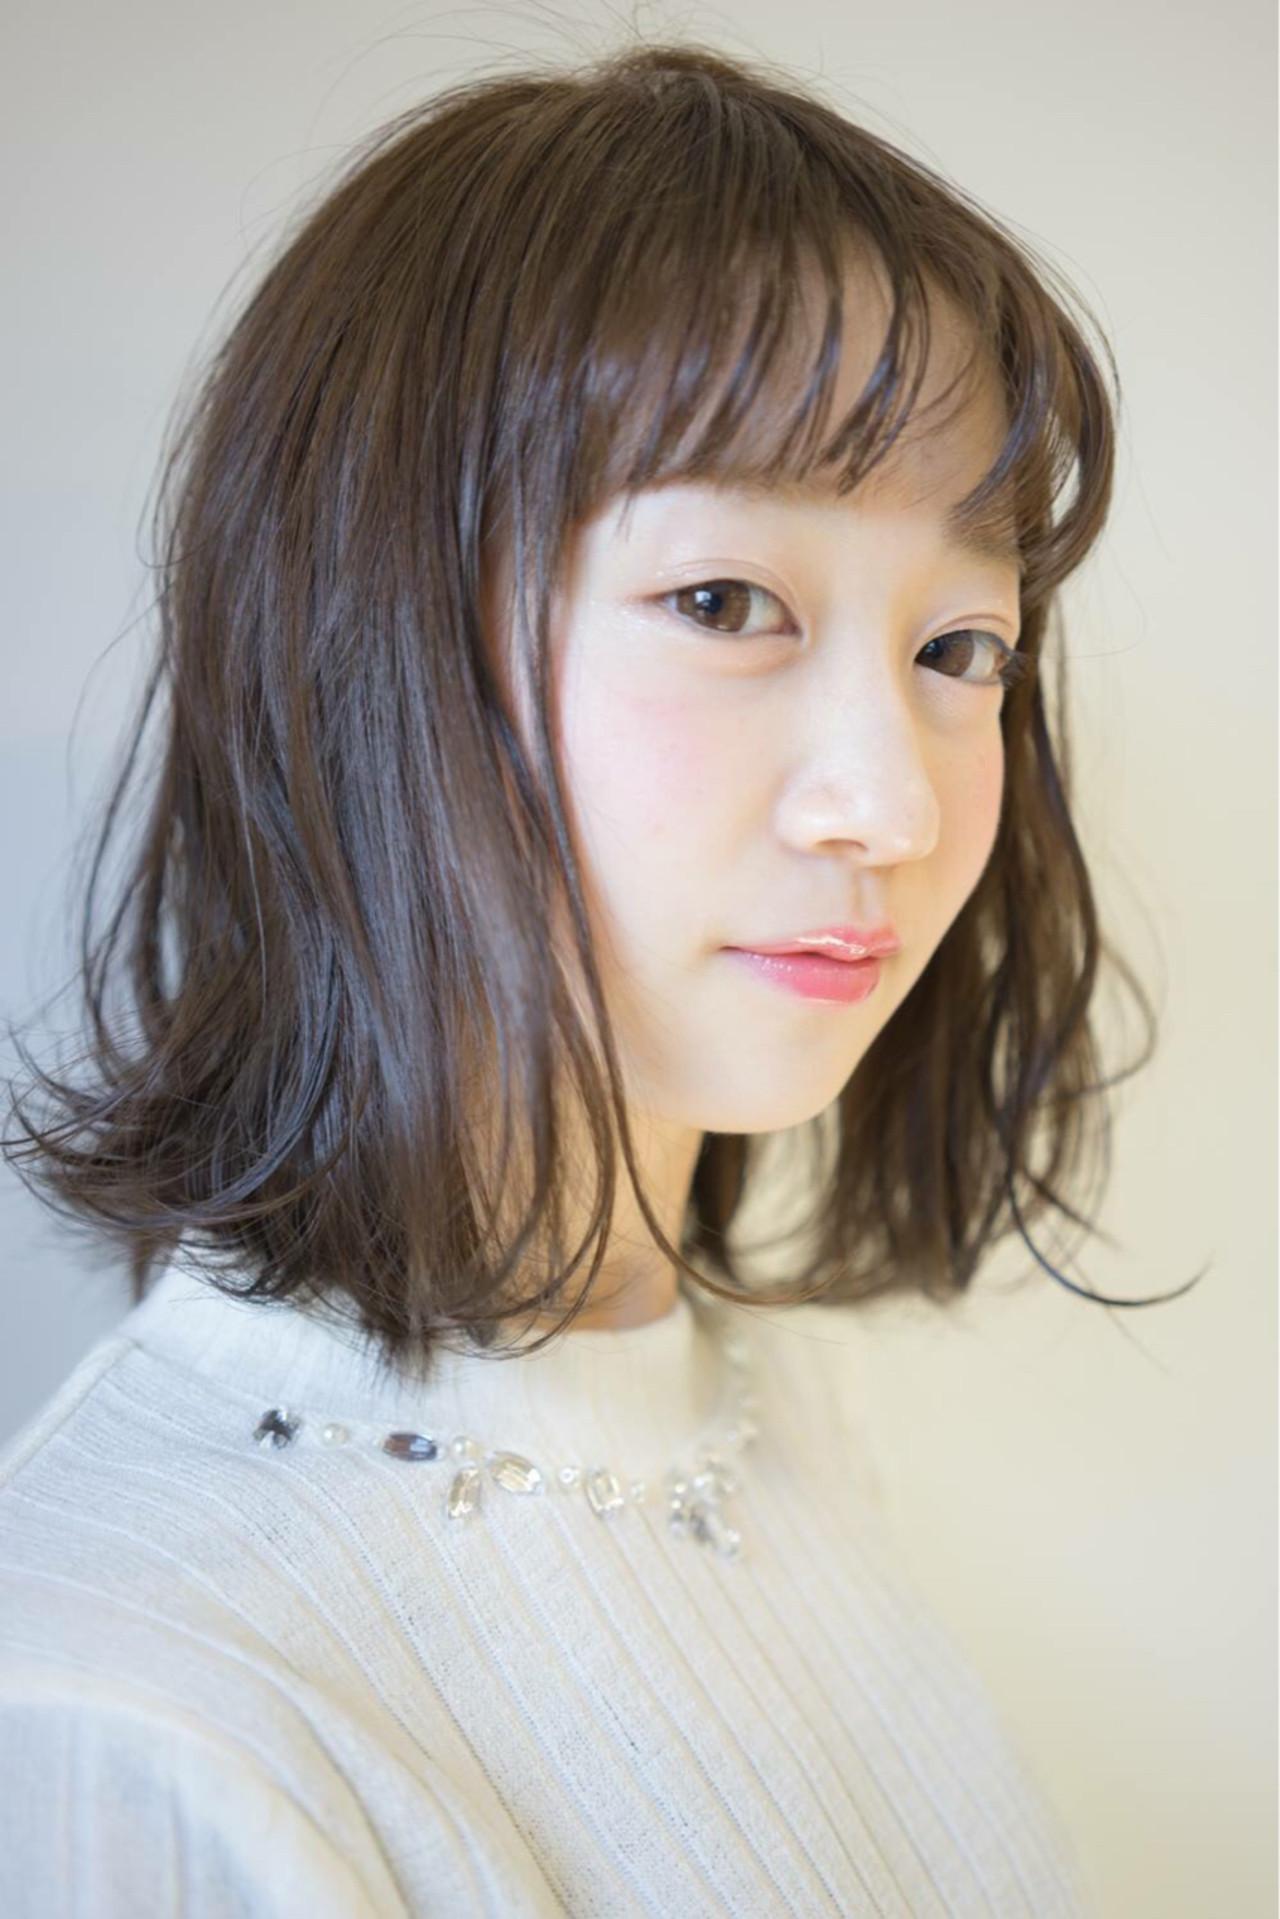 大人のアンニュイな魅力をプロデュース。シースルーボブがトレンドの予感 桝田 由佳  vicus hair